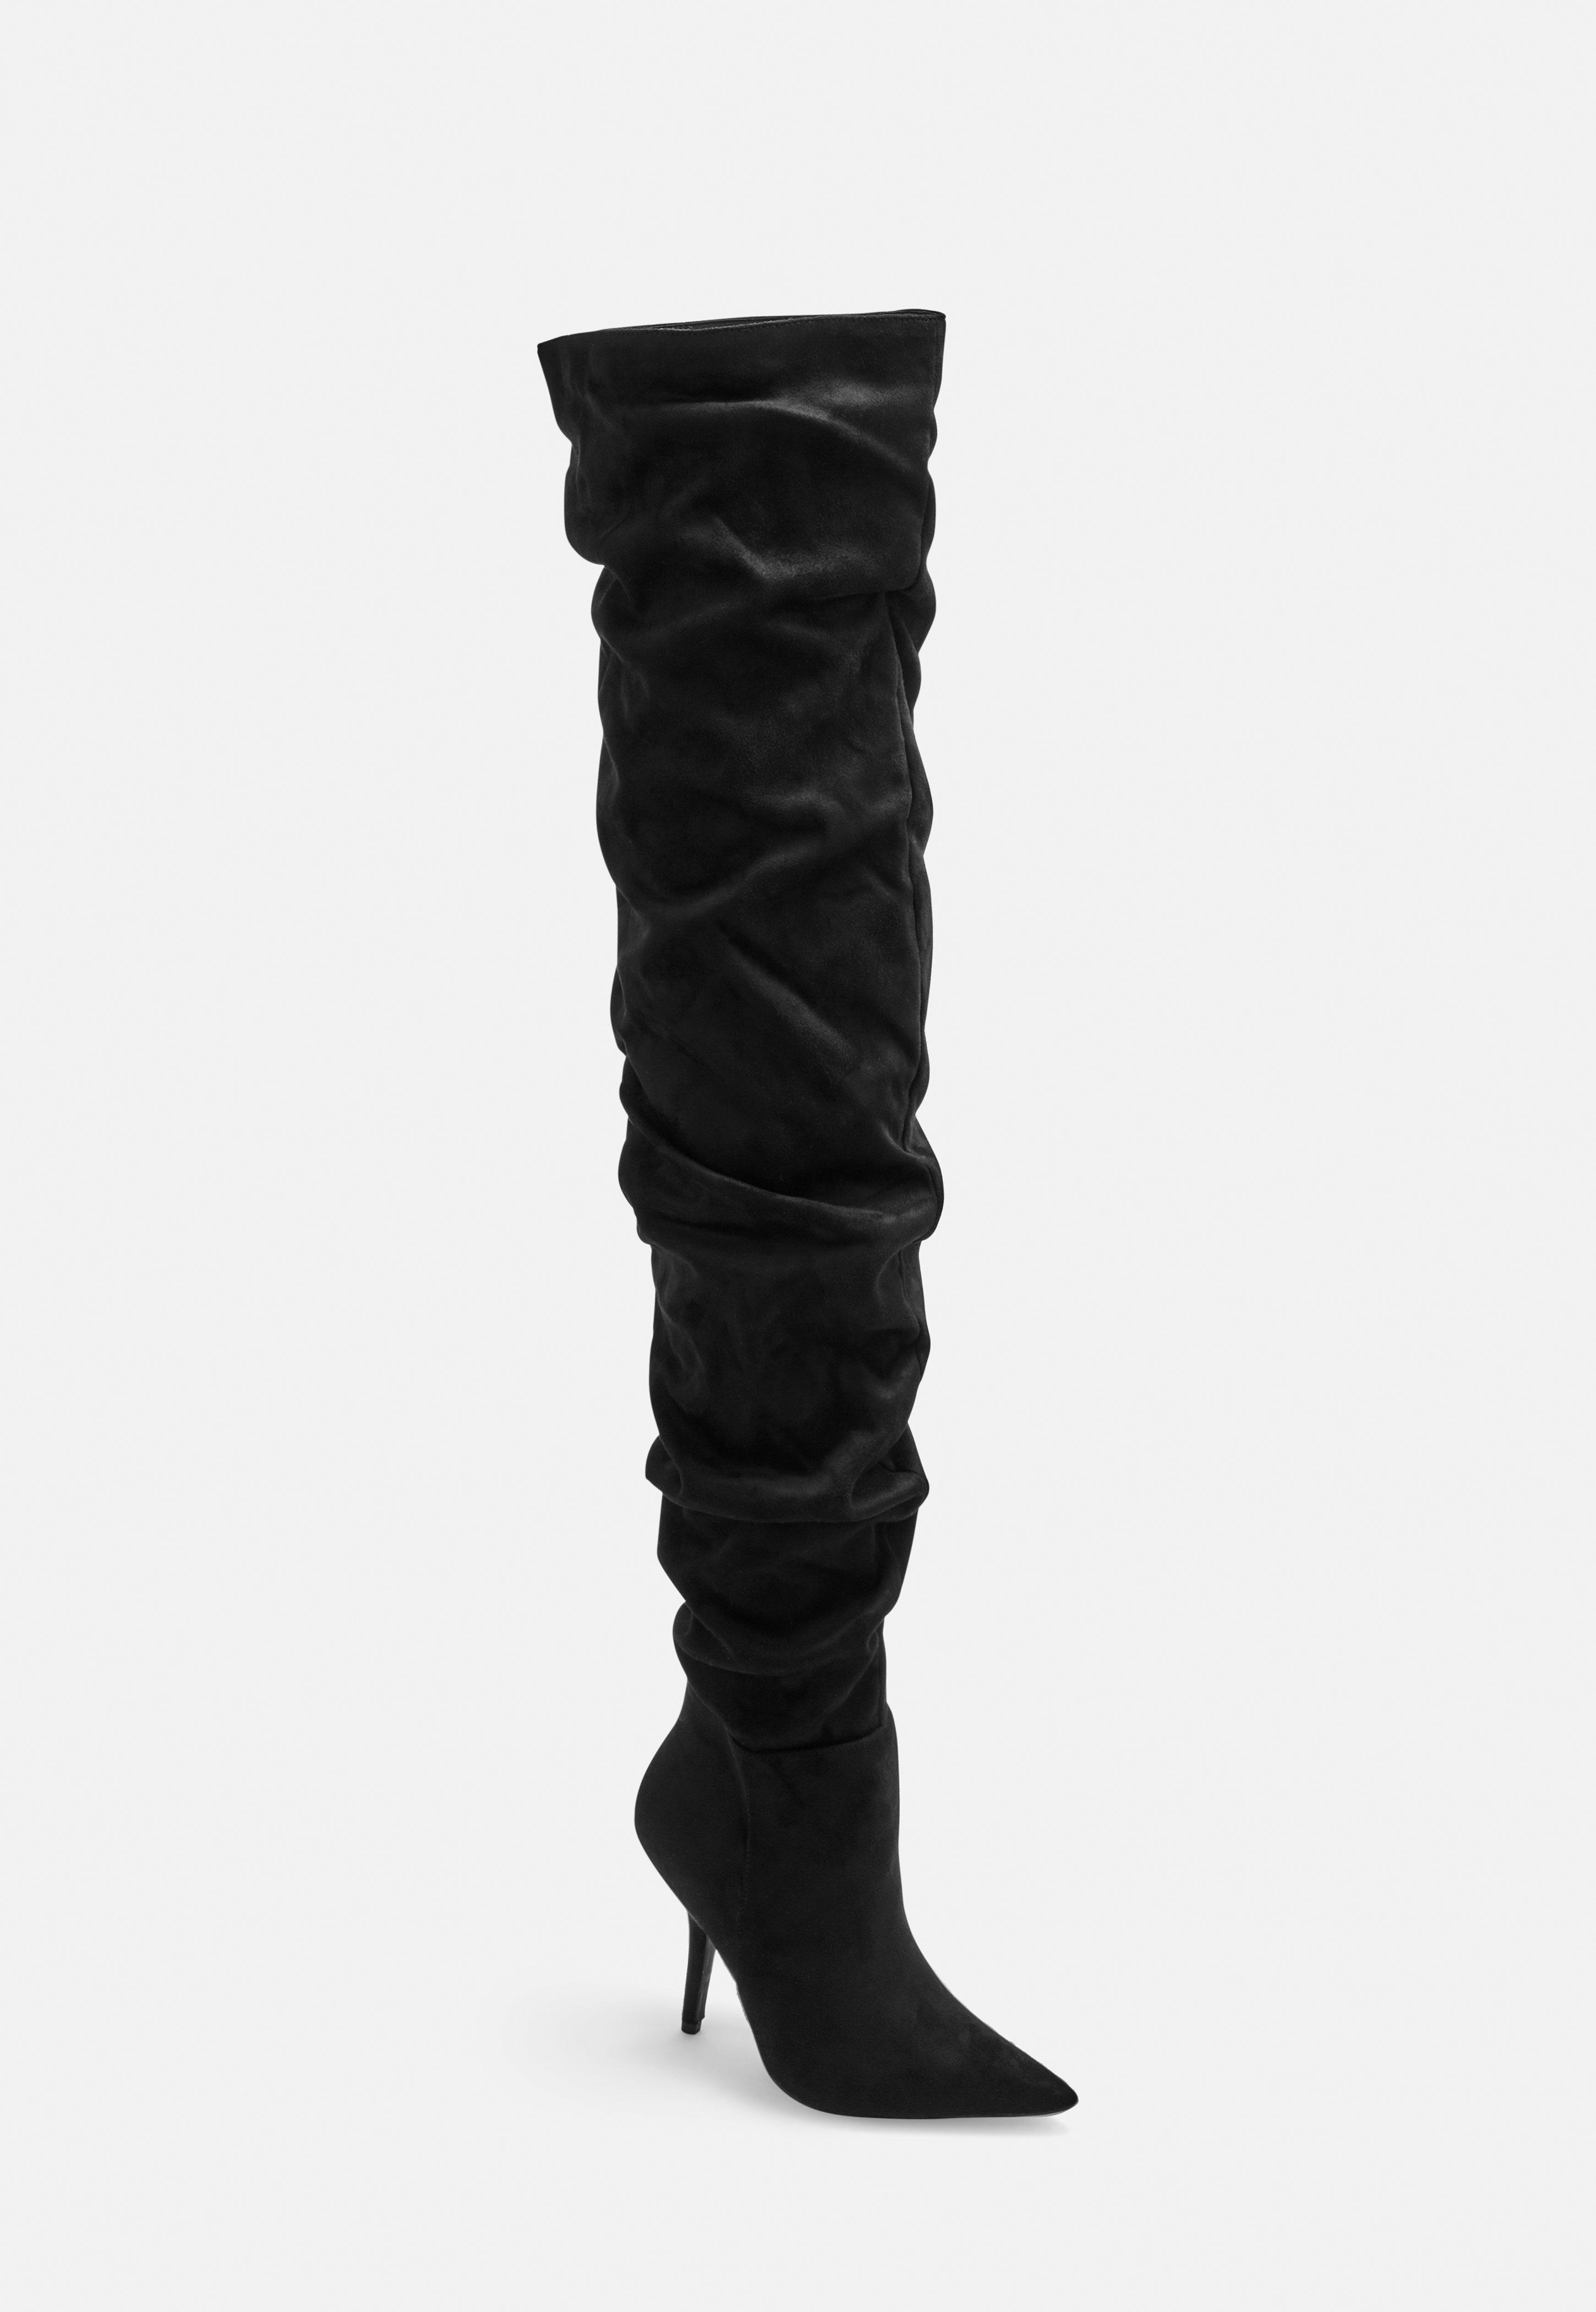 581d5288e39 Women s Boots